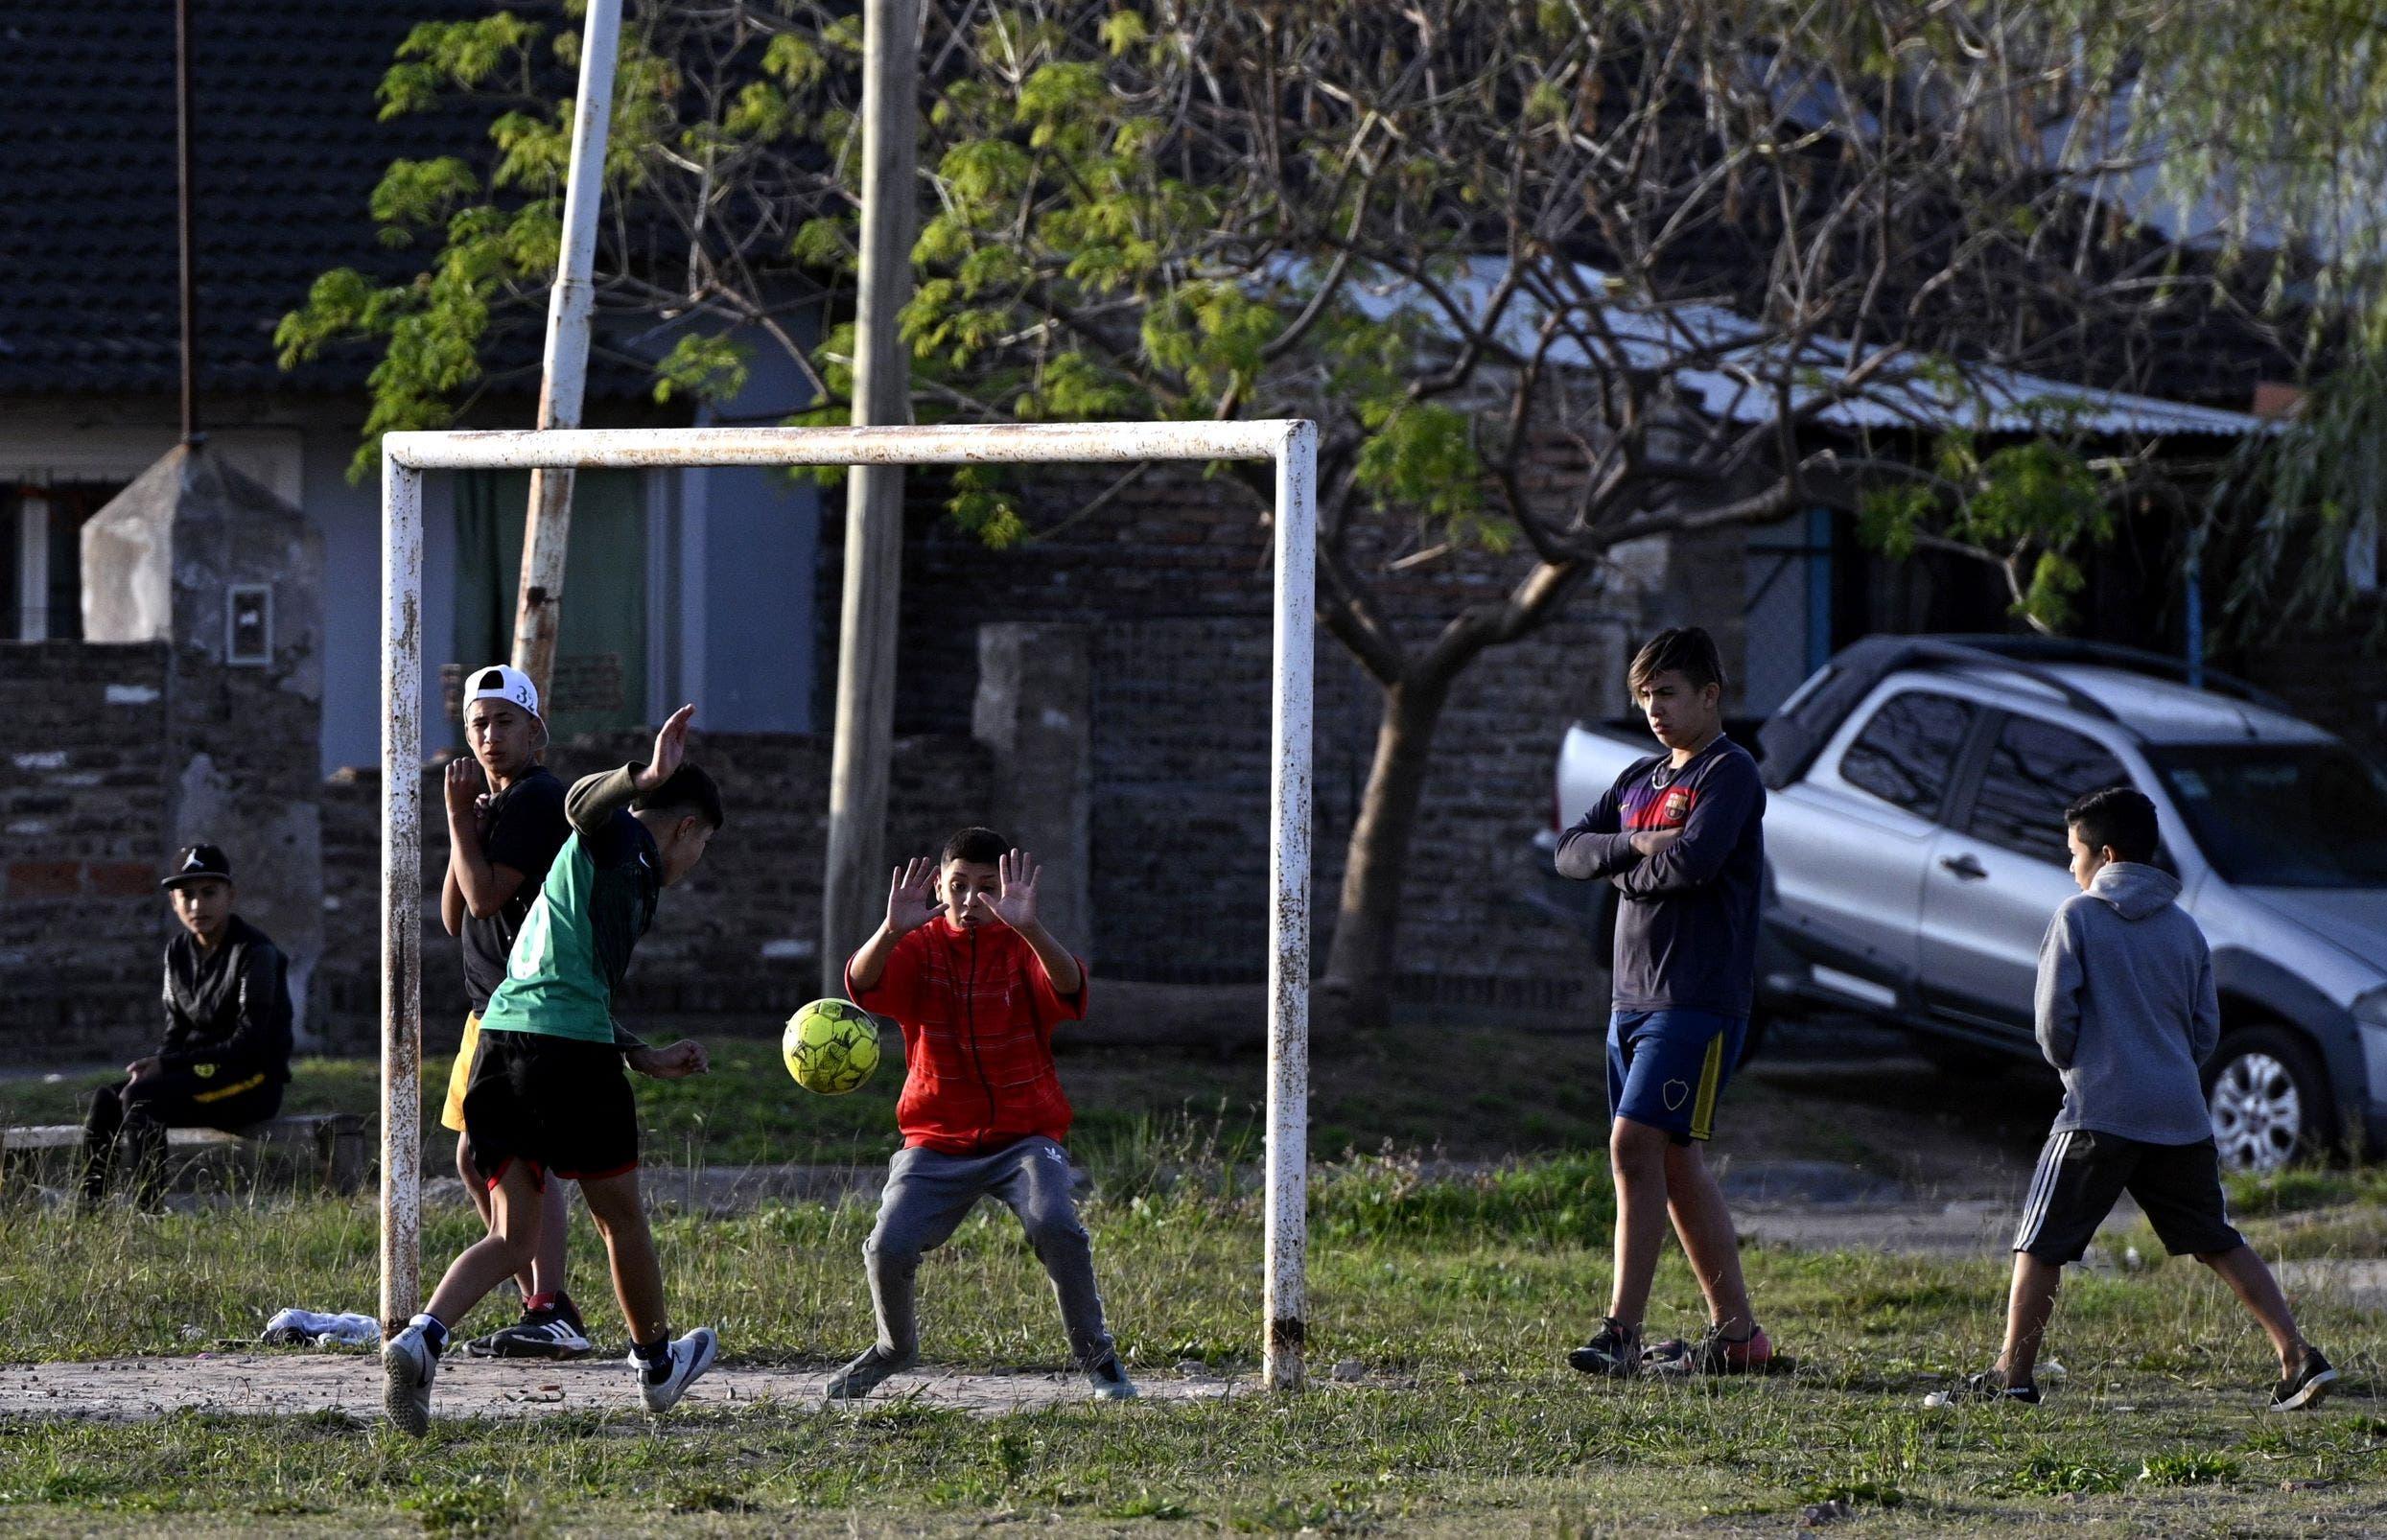 أطفال يلعبون في بيونس أيريس